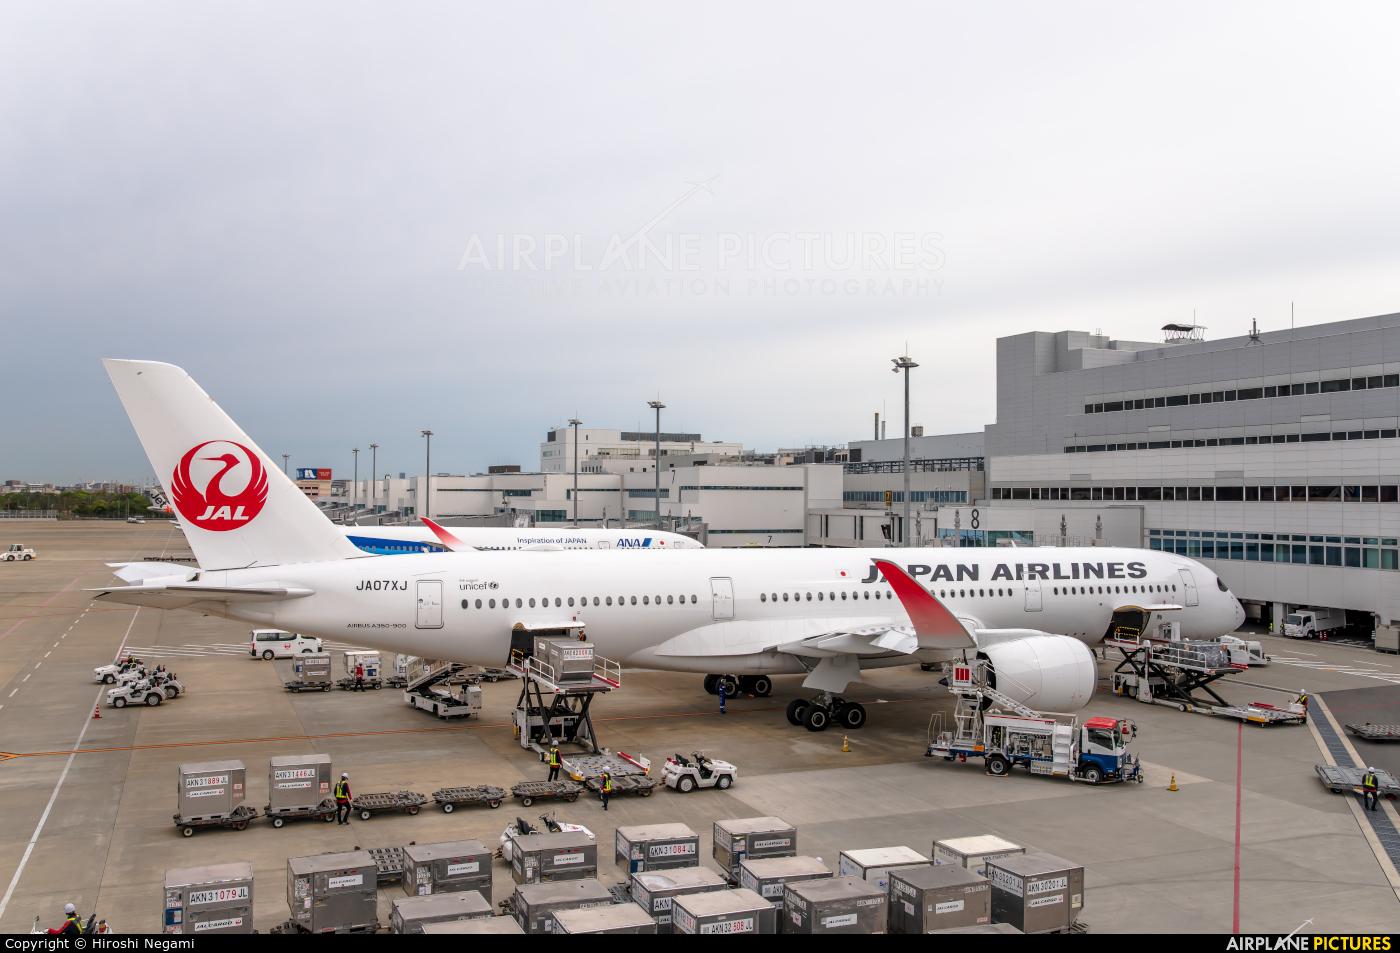 JAL - Japan Airlines JA07XJ aircraft at Fukuoka